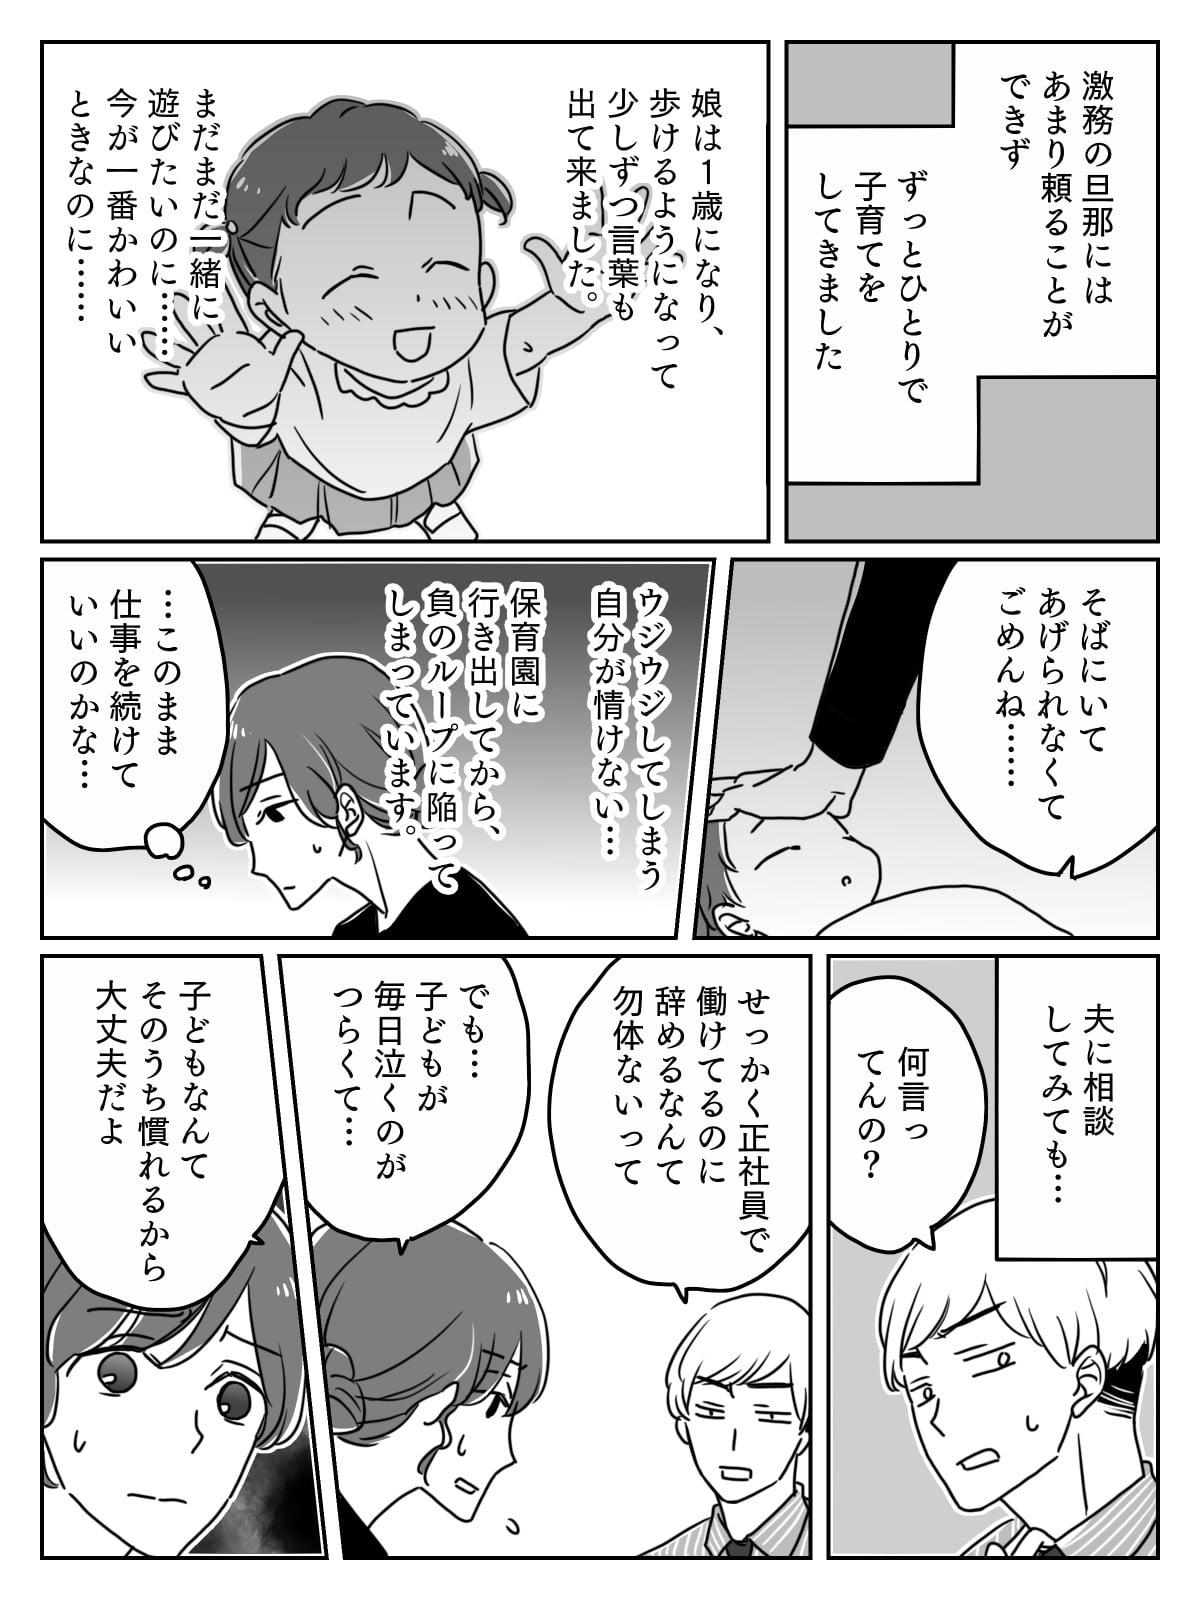 荳ュ邱ィ_02